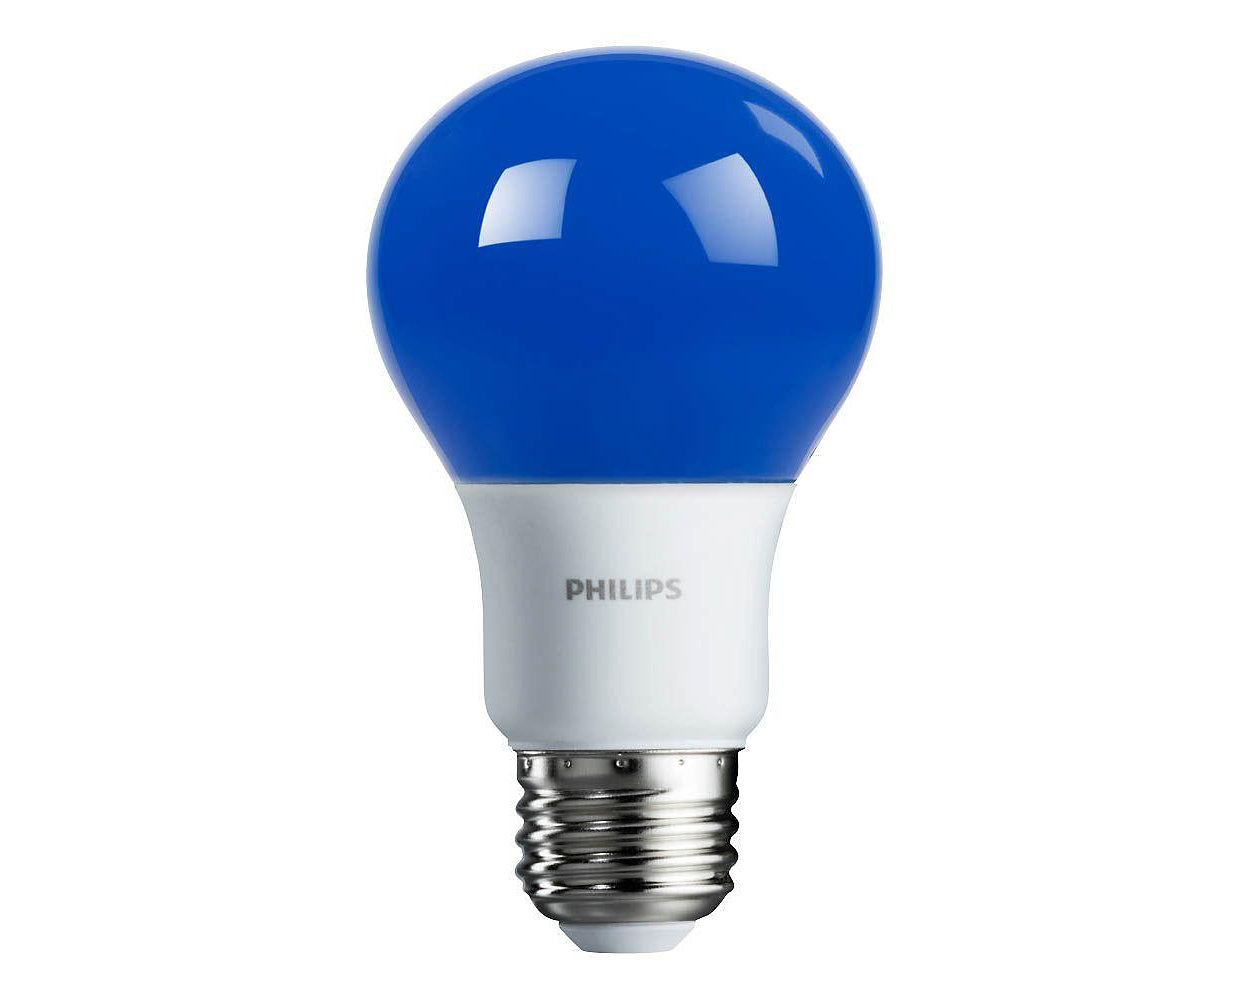 Ilumina tu hogar con posibilidades infinitas.